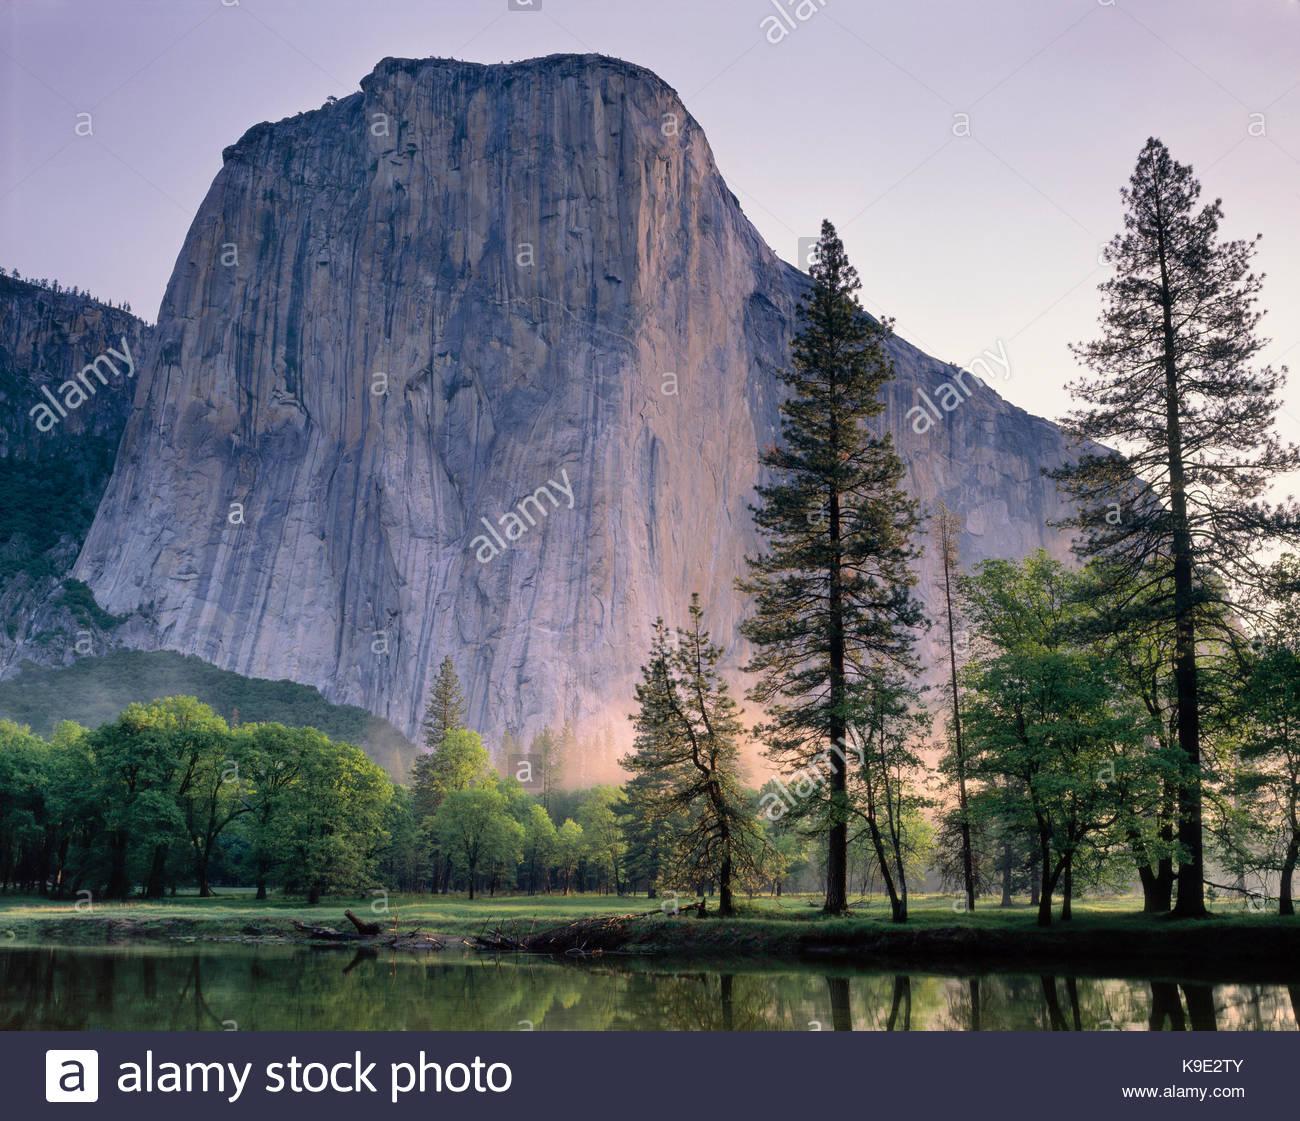 El Capitanin primavera,Parco Nazionale Yosemite in California Immagini Stock